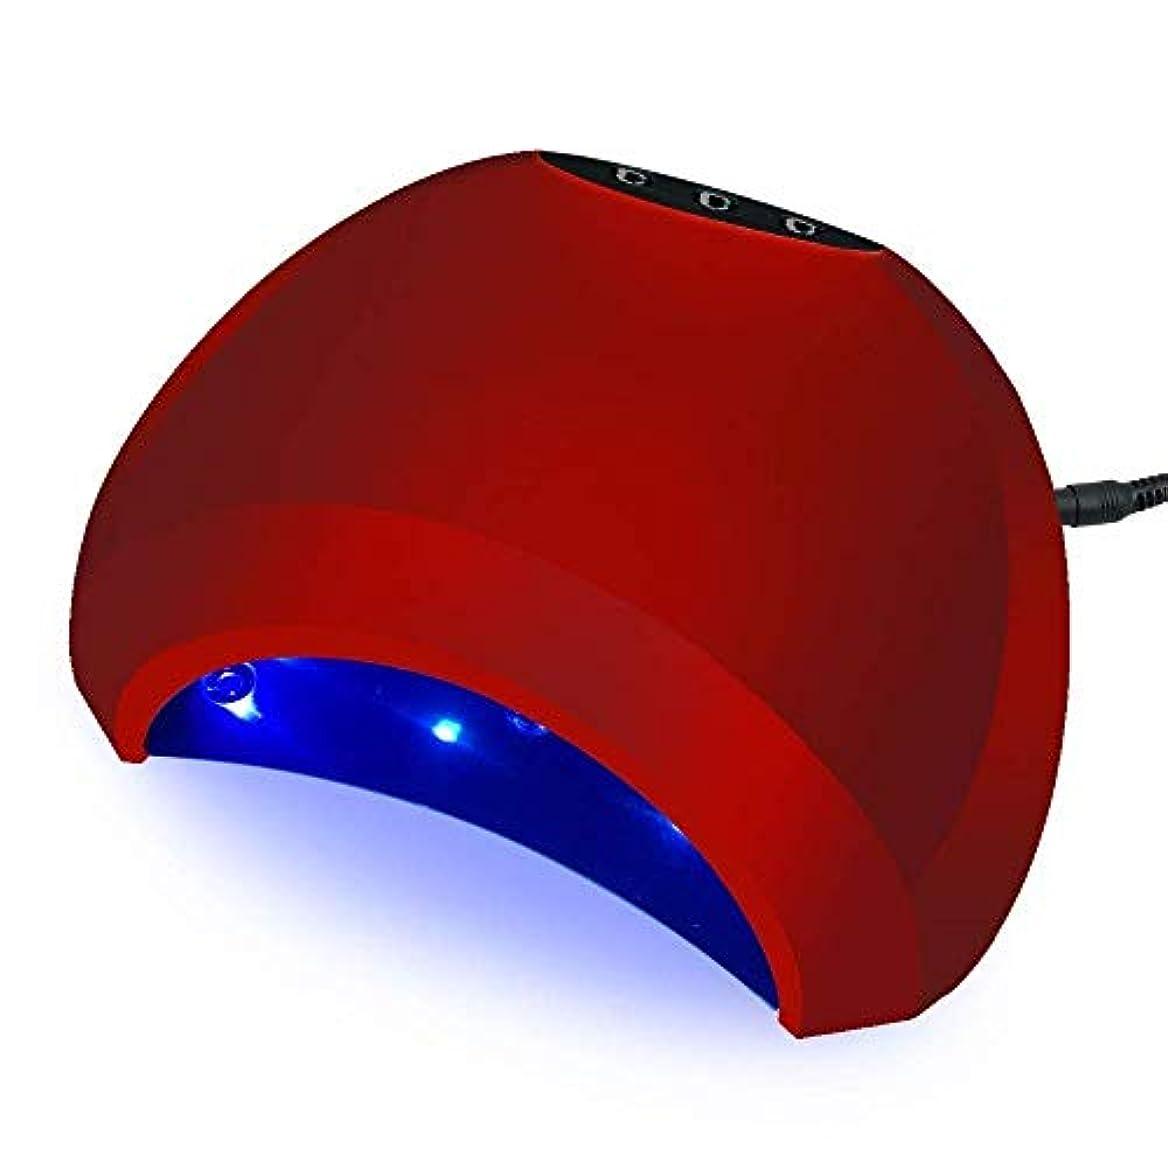 ここに軽減快適ネイルドライヤー2019新しい48W太陽ランプマニキュア乾燥用UV LEDランプ用ネイルドライヤーネイルマニキュア機用ネイルポリッシュアイスランプ